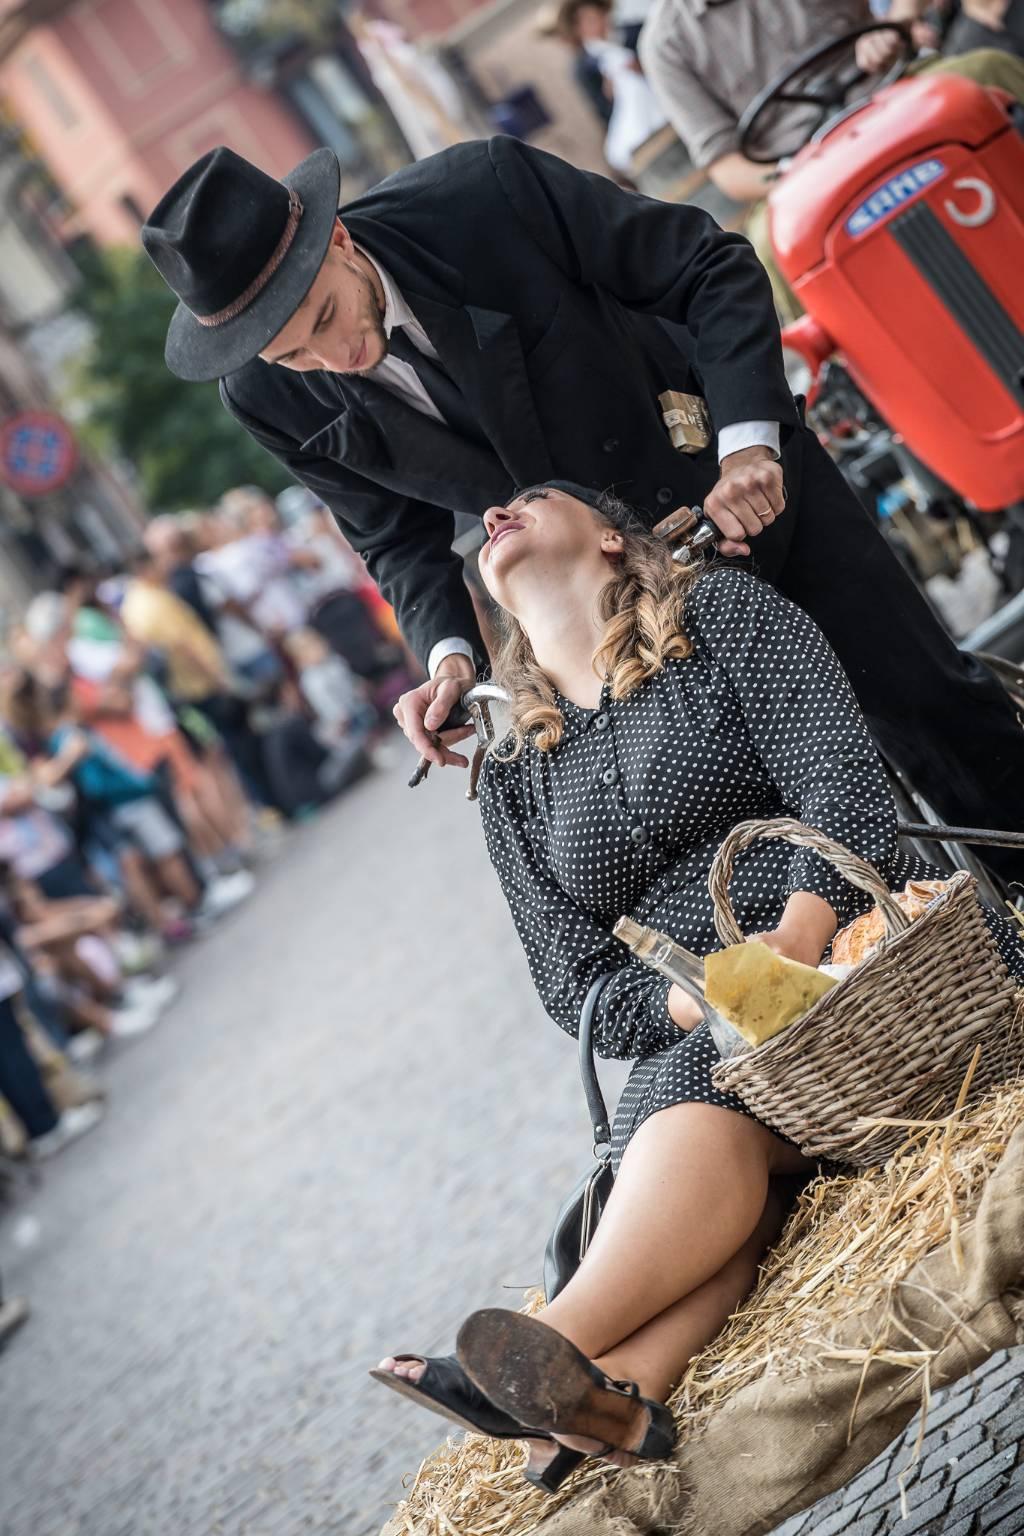 Sfilata Festival delle Sagre 2018